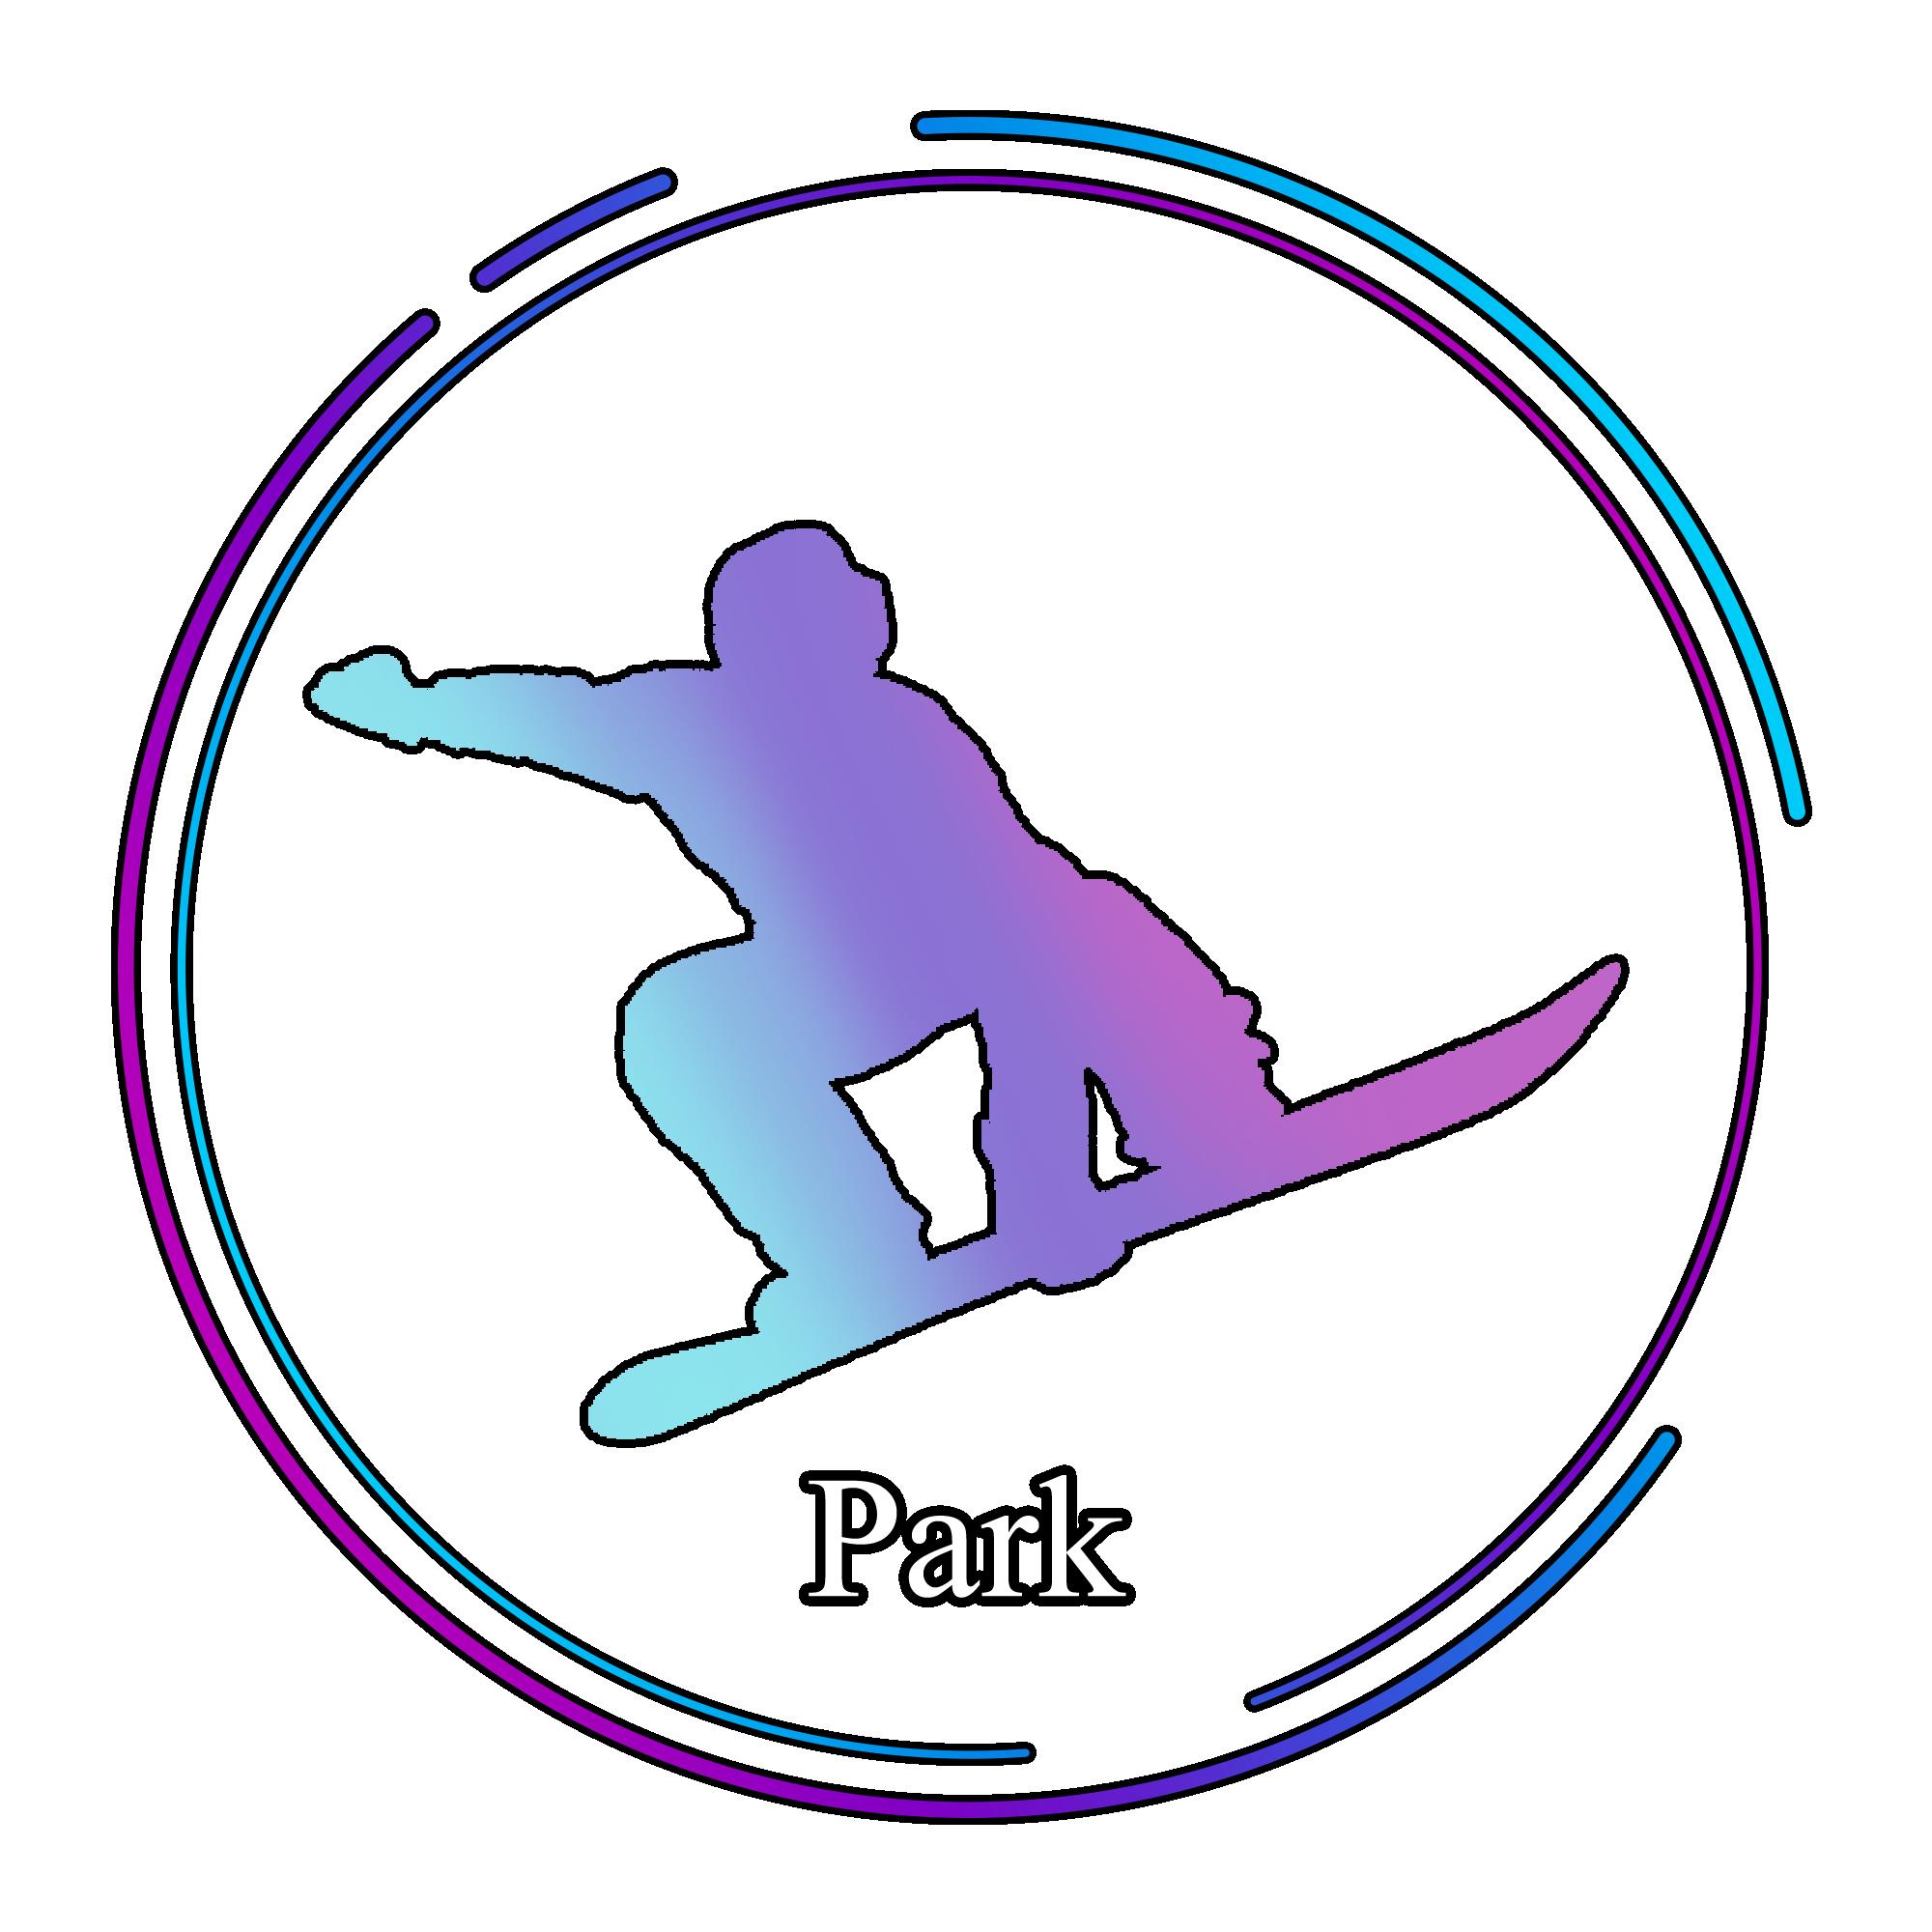 Profil Park.png